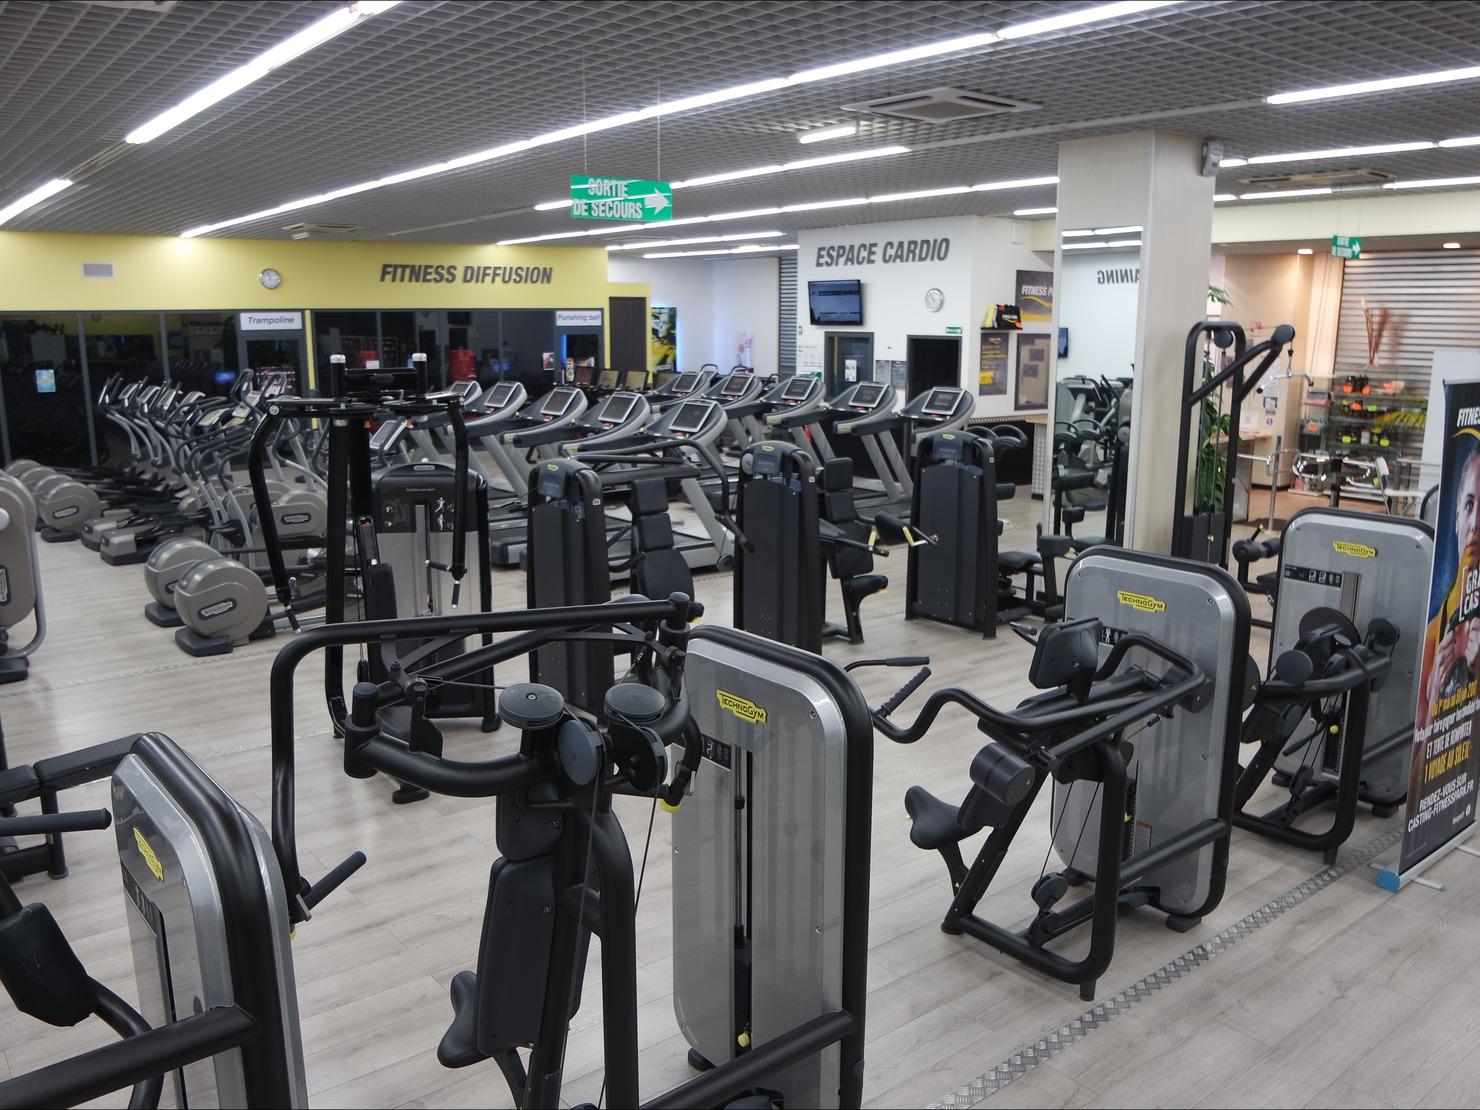 fitness park nanteuil les meaux nanteuil l s meaux tarifs avis horaires essai gratuit. Black Bedroom Furniture Sets. Home Design Ideas